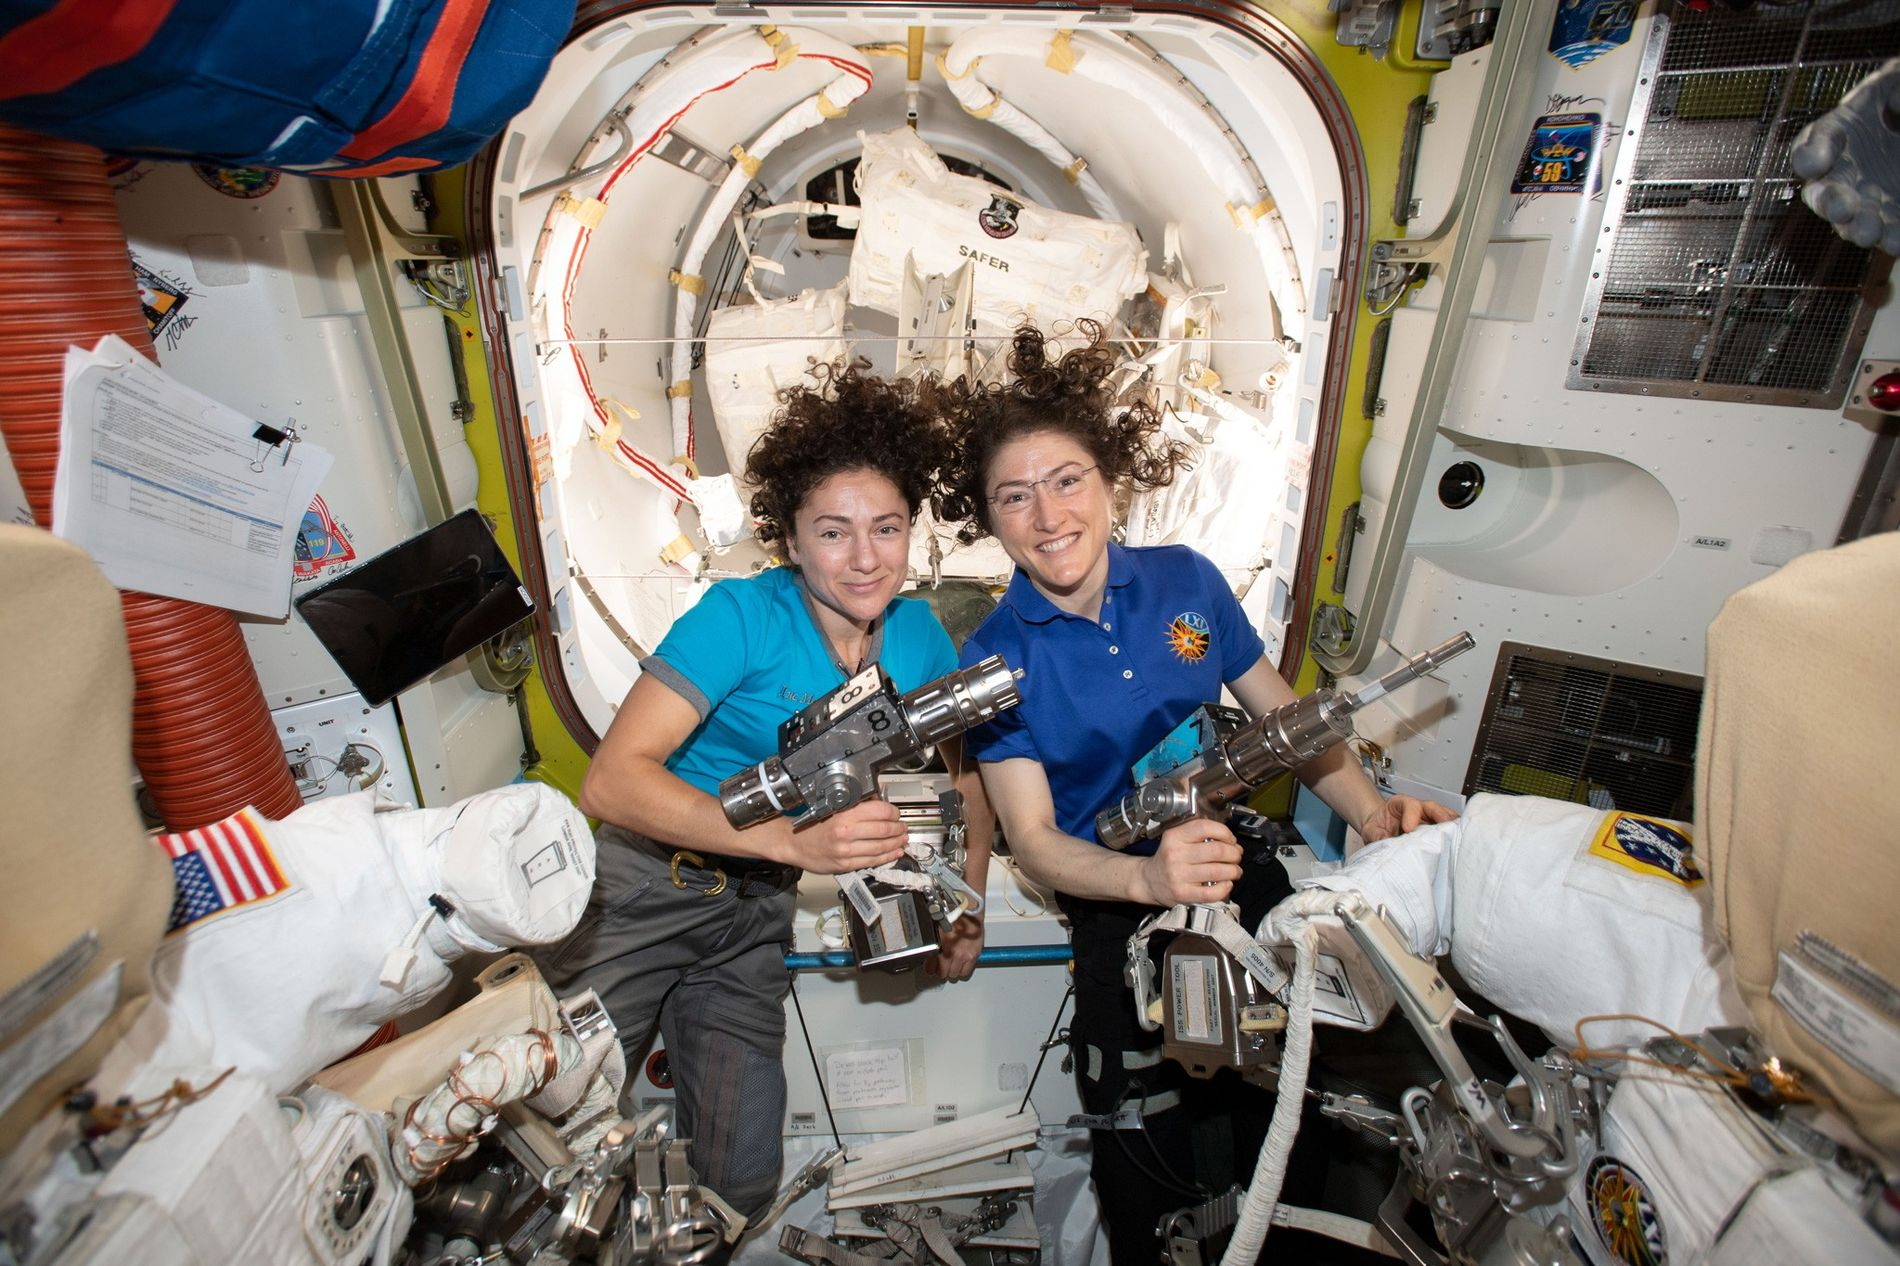 Las astronautas de la NASA Jessica Meir (izq.) y Christina Koch posan dentro de la esclusa Quest a bordo de la Estación Espacial Internacional mientras preparan los trajes espaciales y las herramientas que usarían en el histórico paseo espacial del 18 de octubre.